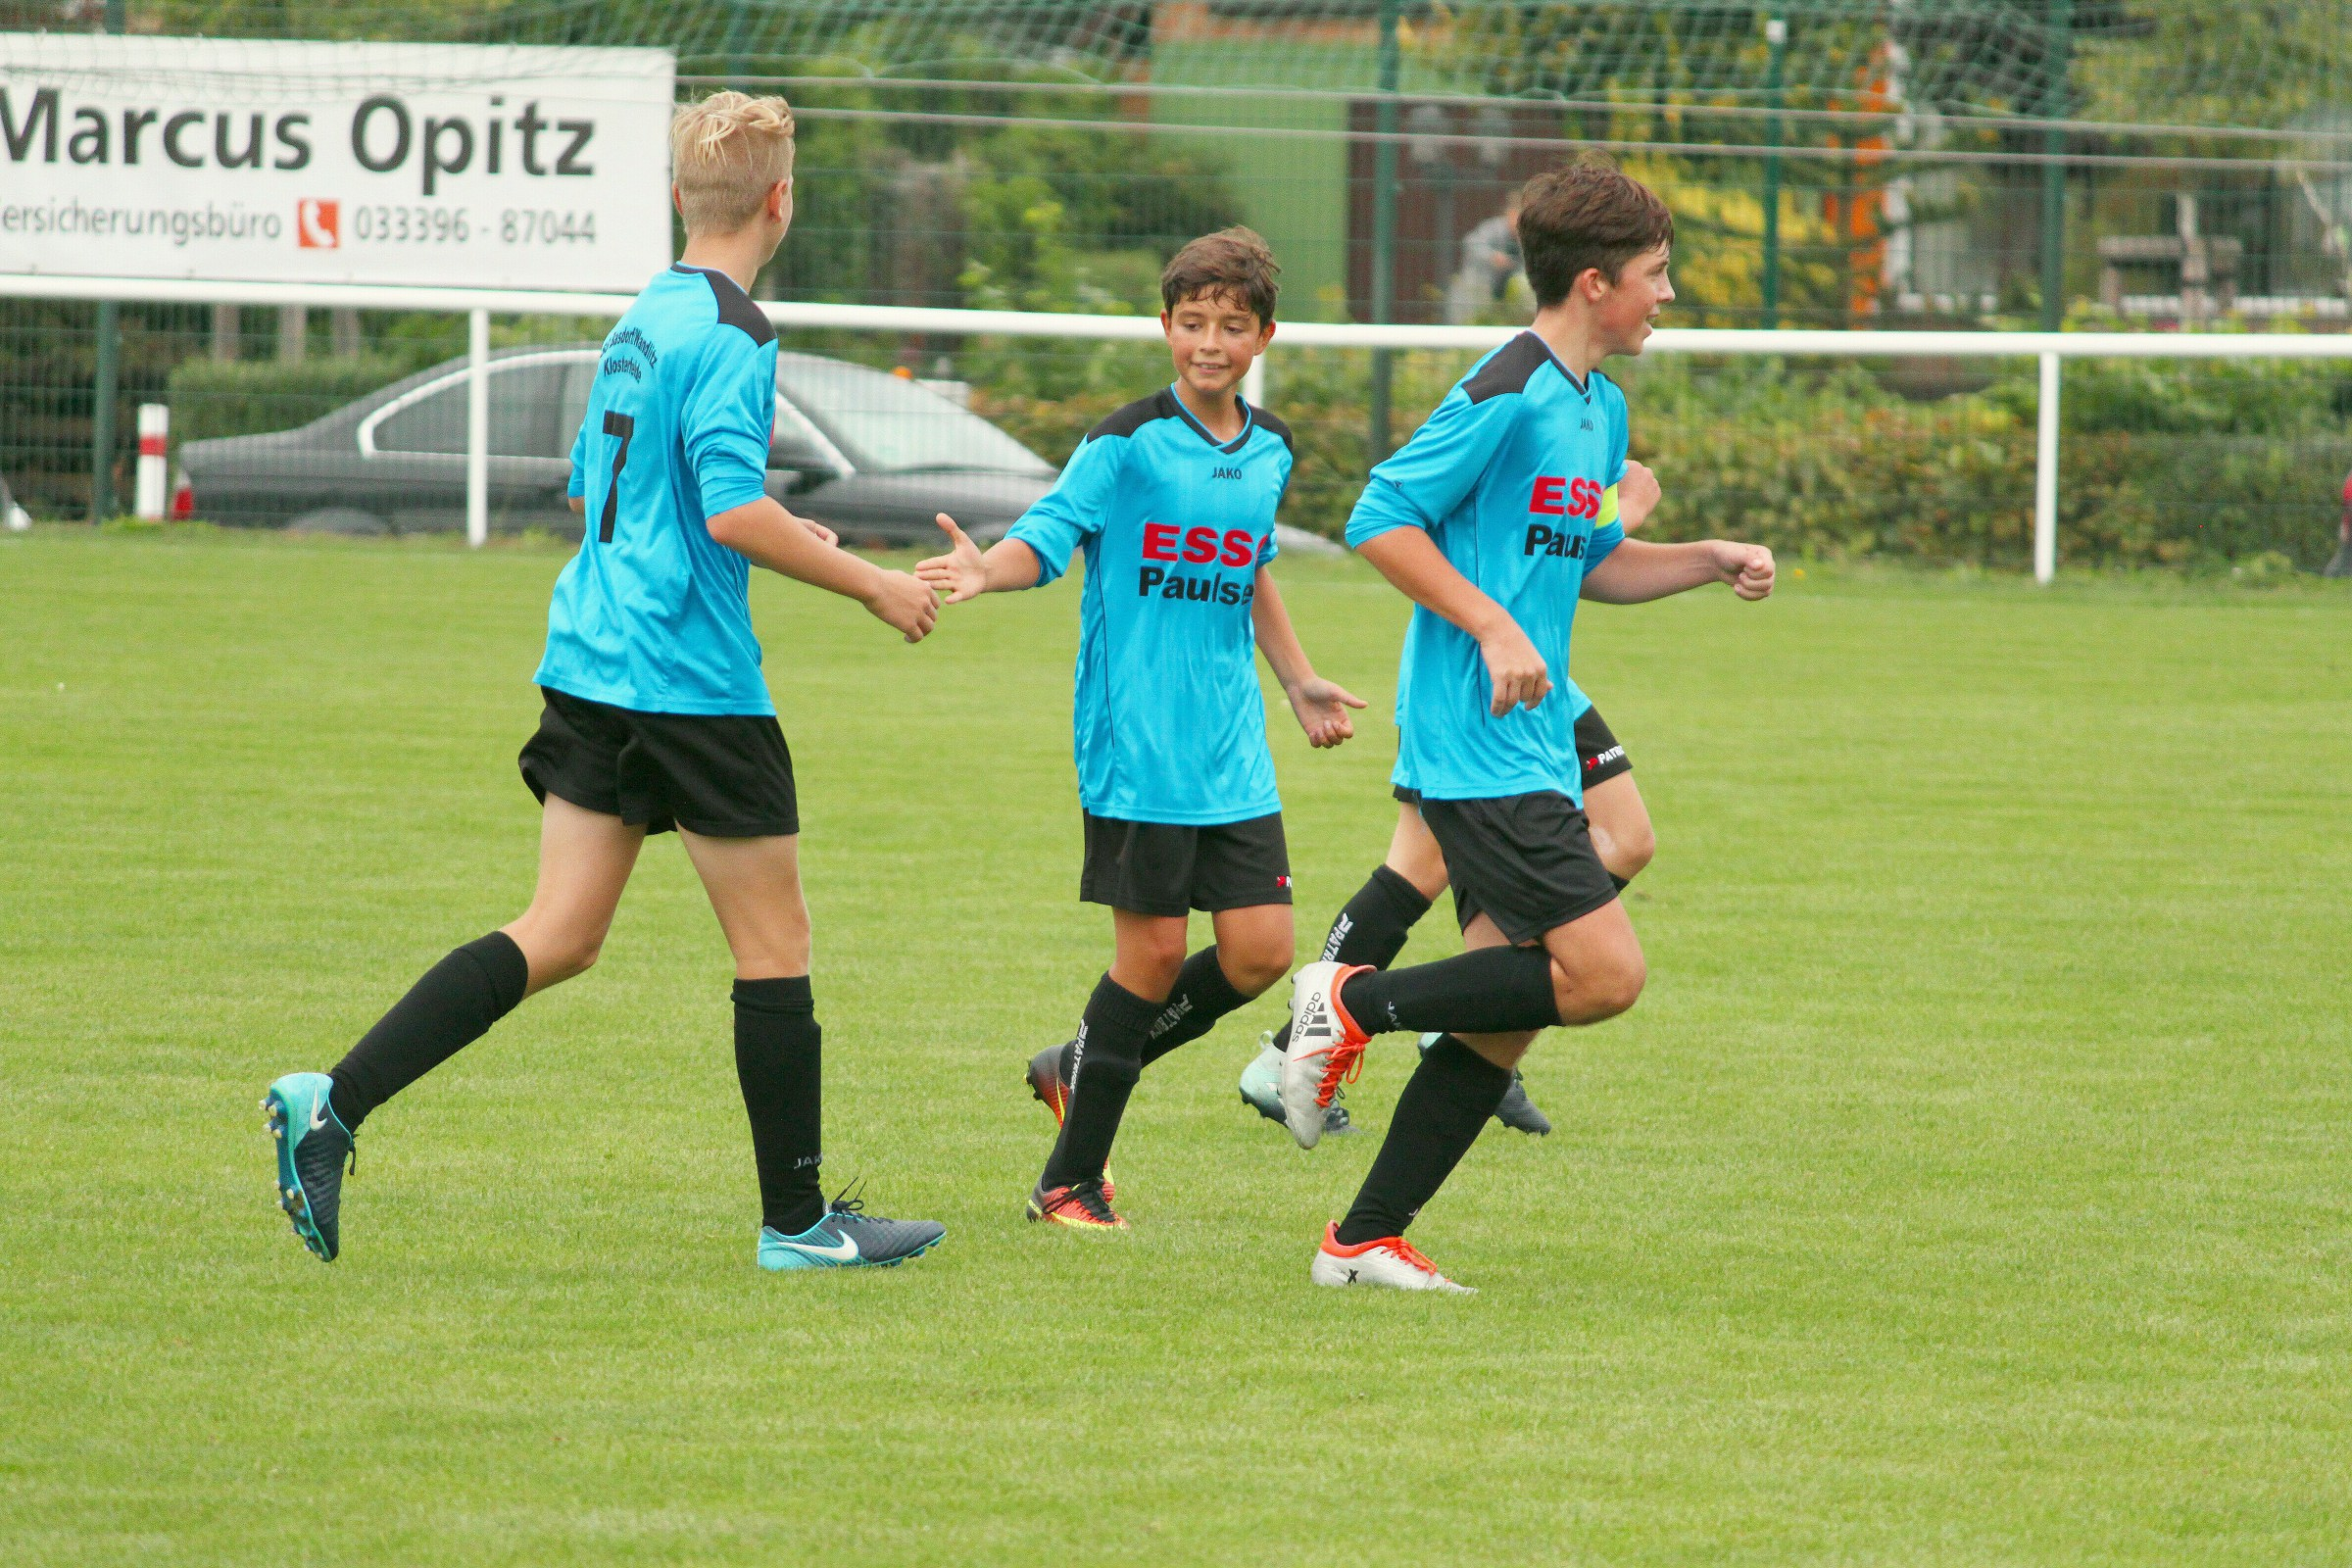 20180902 Punktspiel C1-Junioren Landesklasso Ost gegen Grün-Weiß Brieselang 6-0 Erfolg (58)